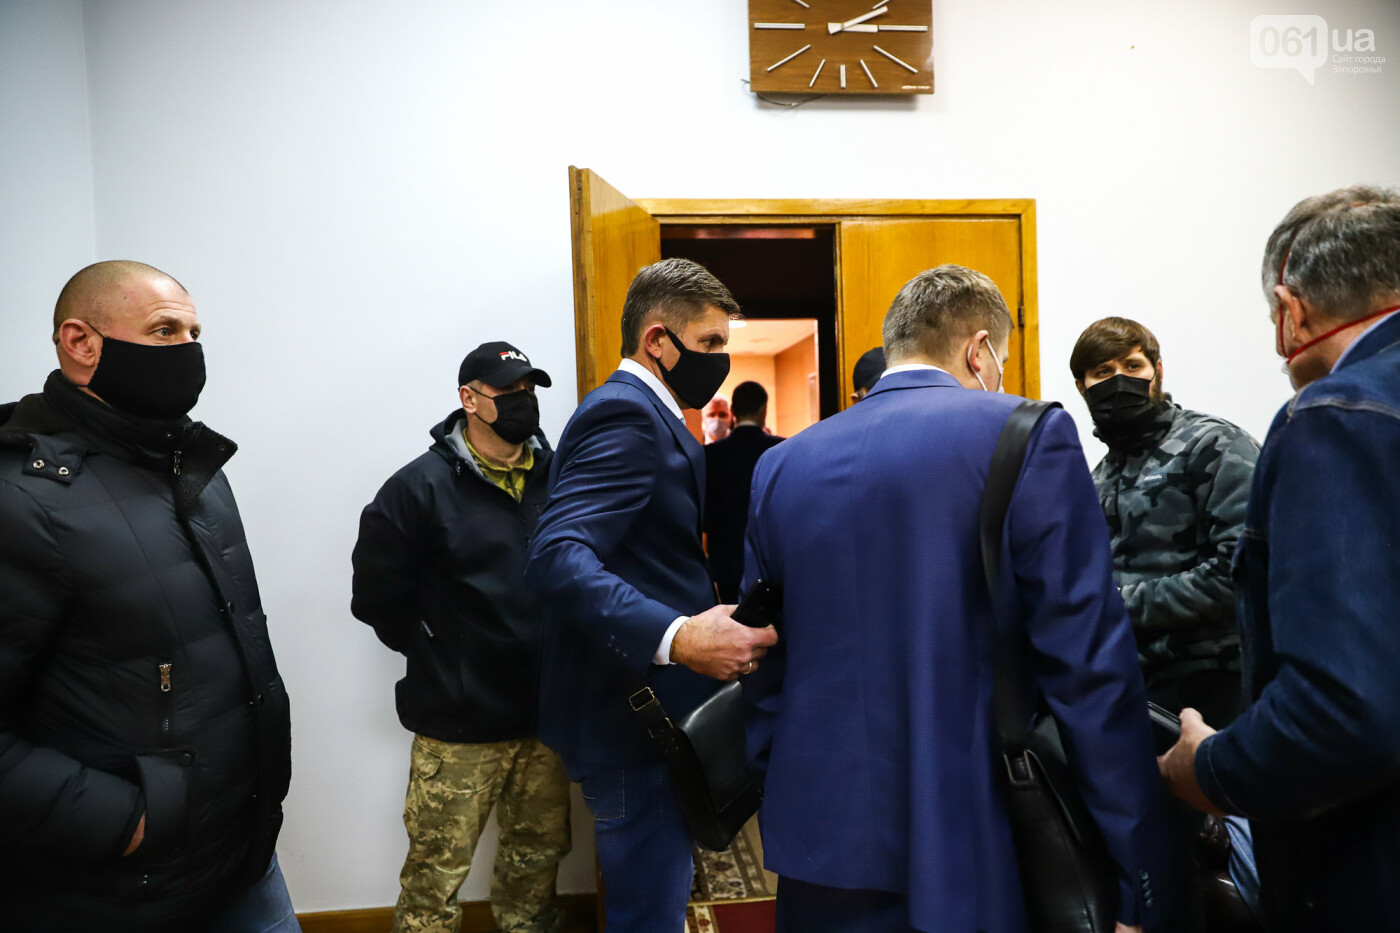 """Тайная """"сессия"""", сотни правоохранителей и стычки с активистами - что происходило в здании Запорожского облсовета, - ФОТО, ВИДЕО , фото-39"""